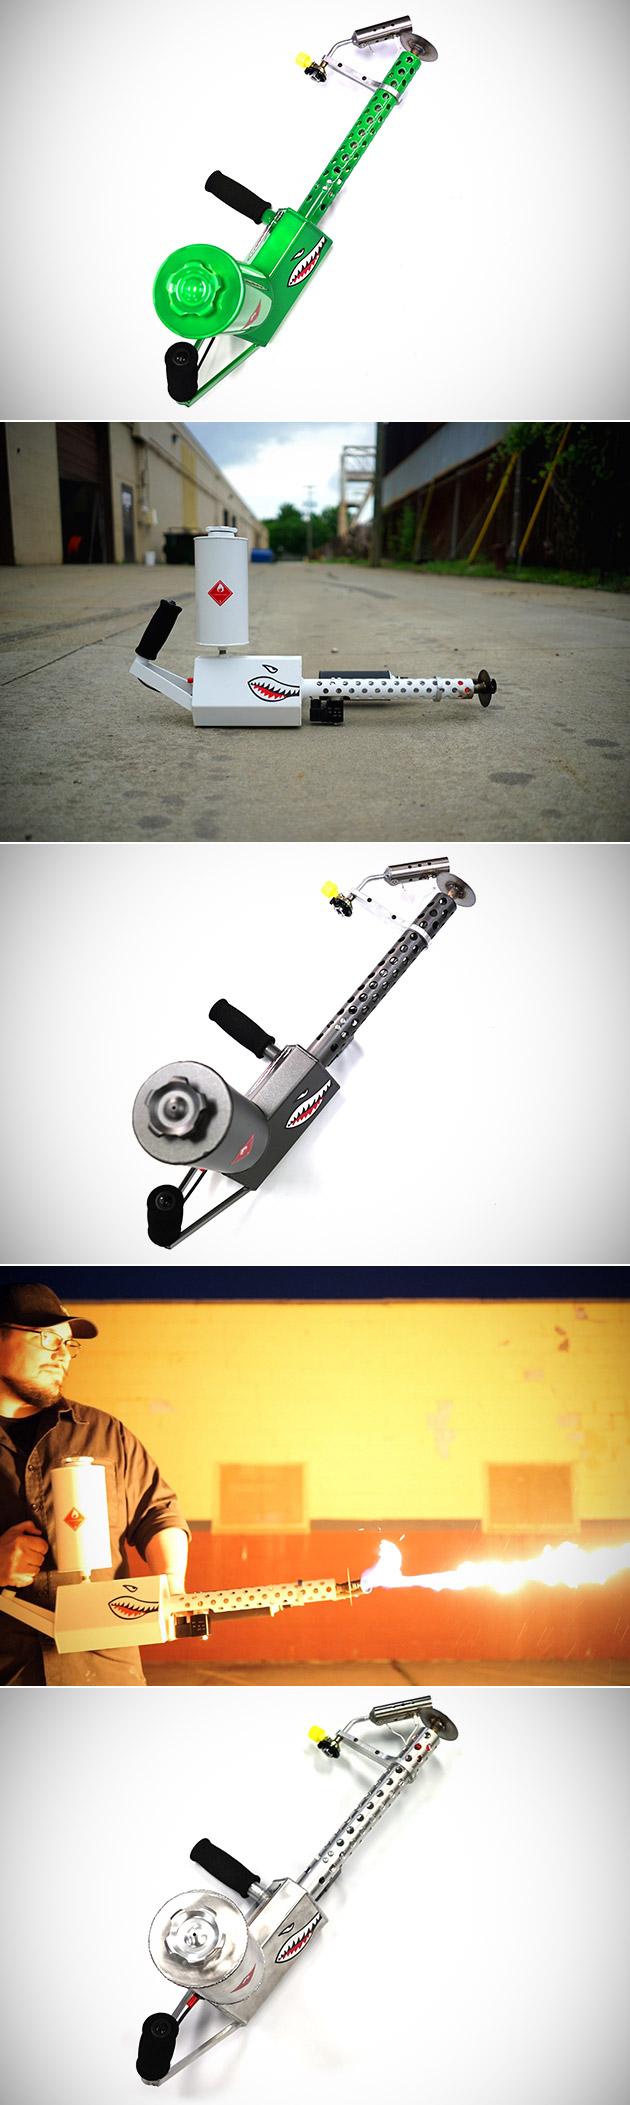 flamethrower-xm42-handheld-1